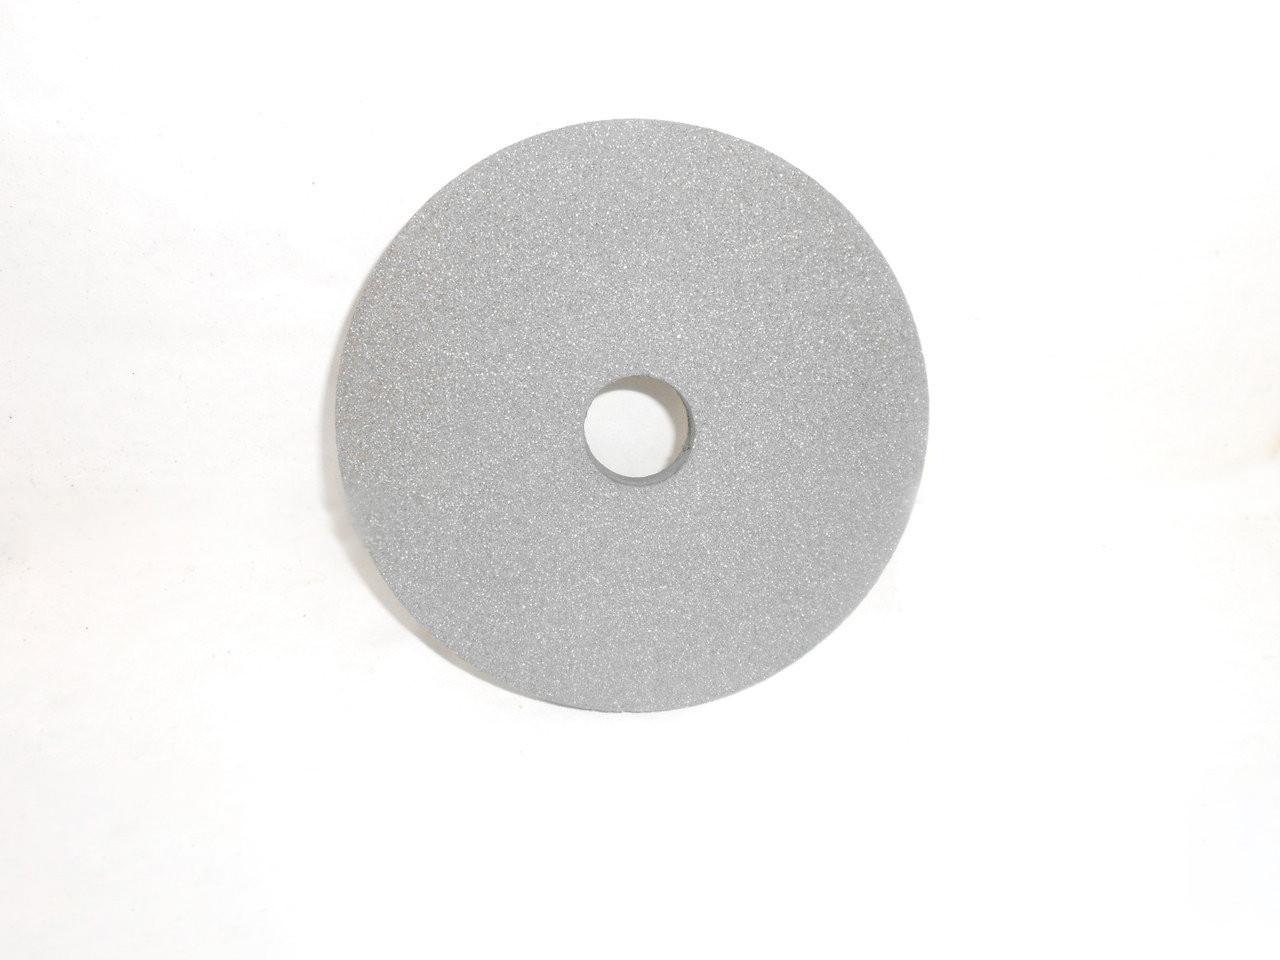 Круг шлифовальный 14А ПП 300х40х127  16-40 СМ-СТ